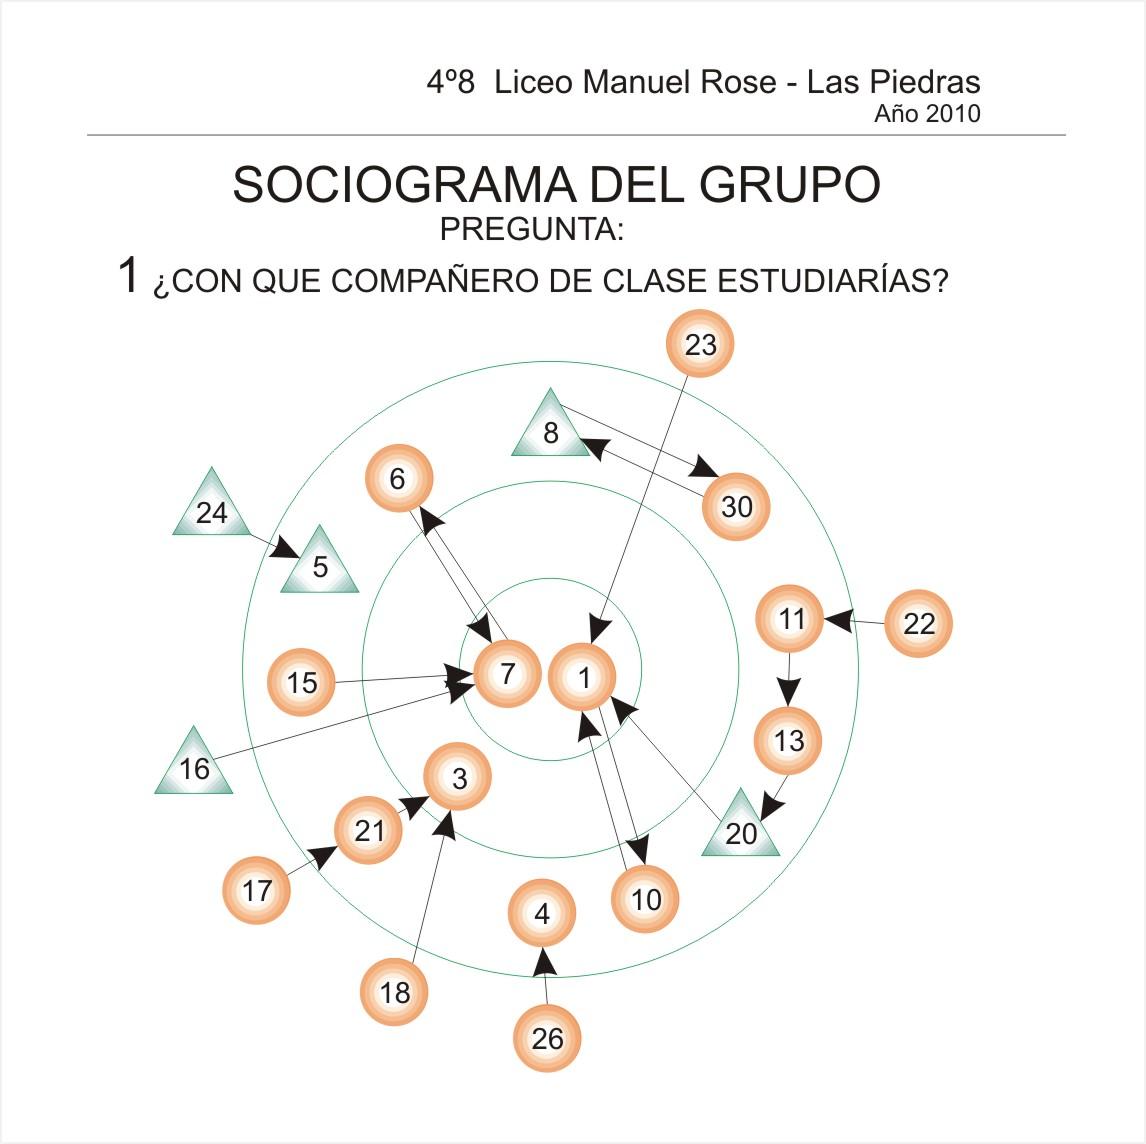 FT: SOCIOGRAMAS DEL GRUPO